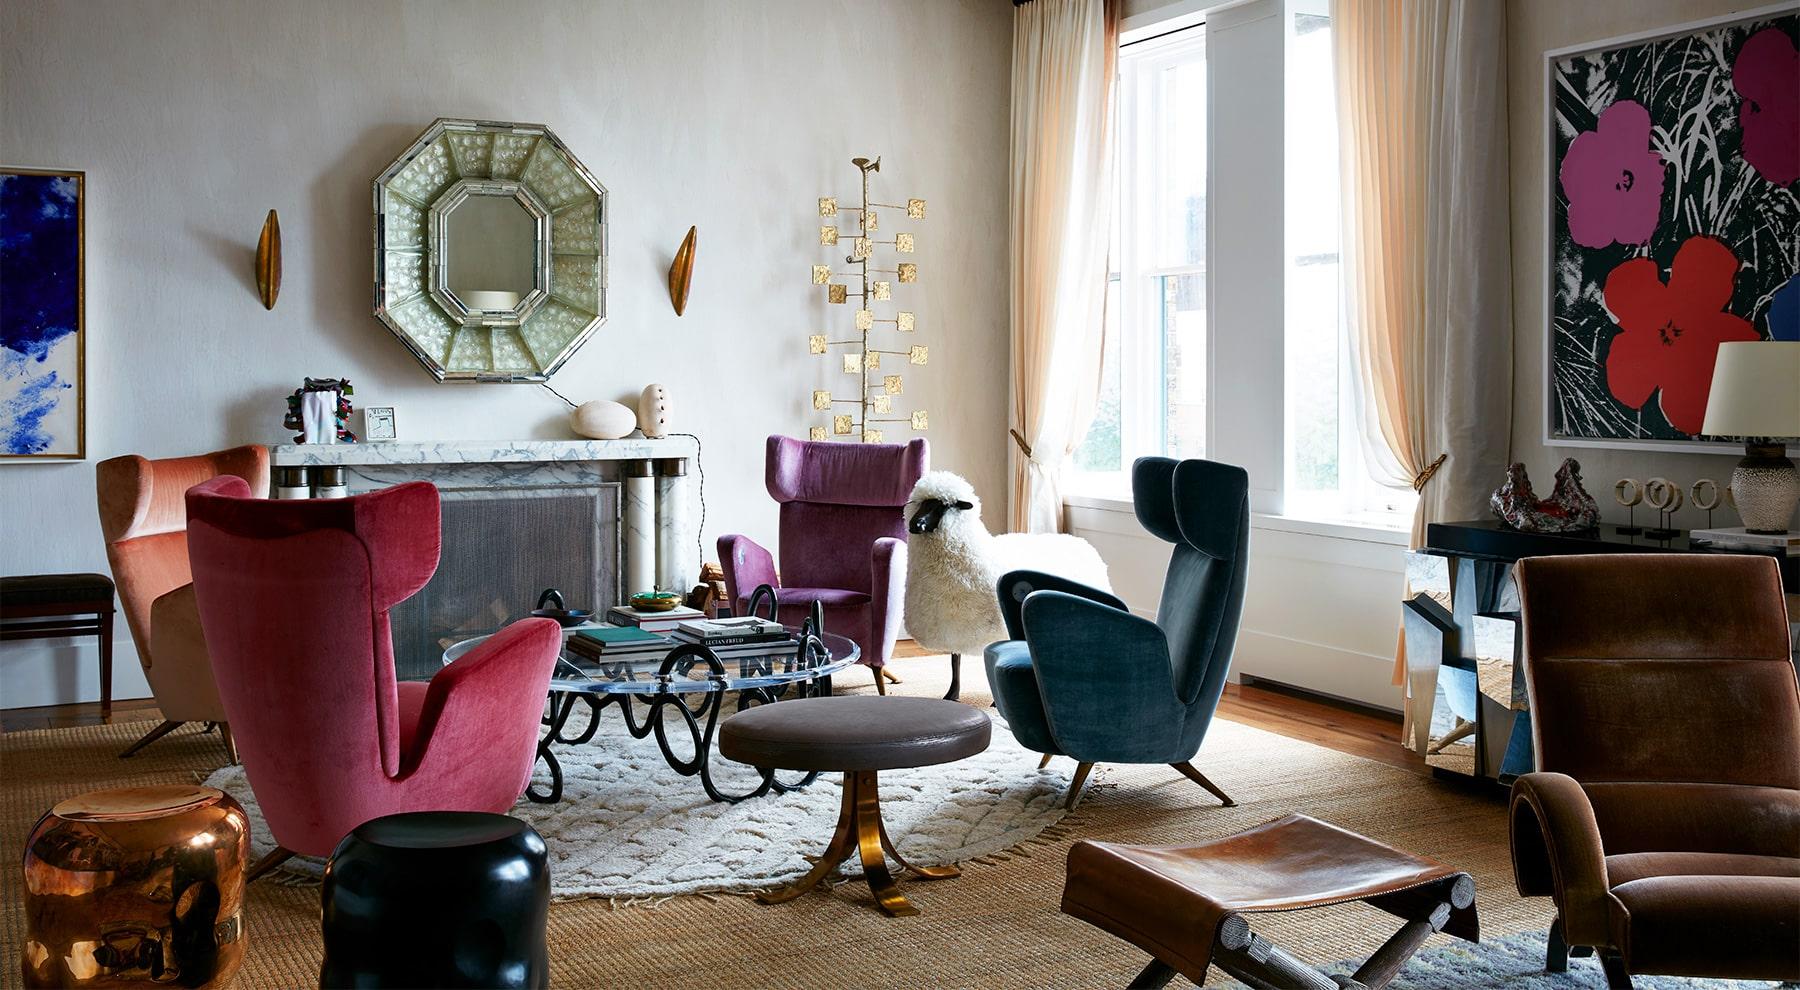 Interior Designer Robert Stilin: Interiors Upper East Side duplex living room